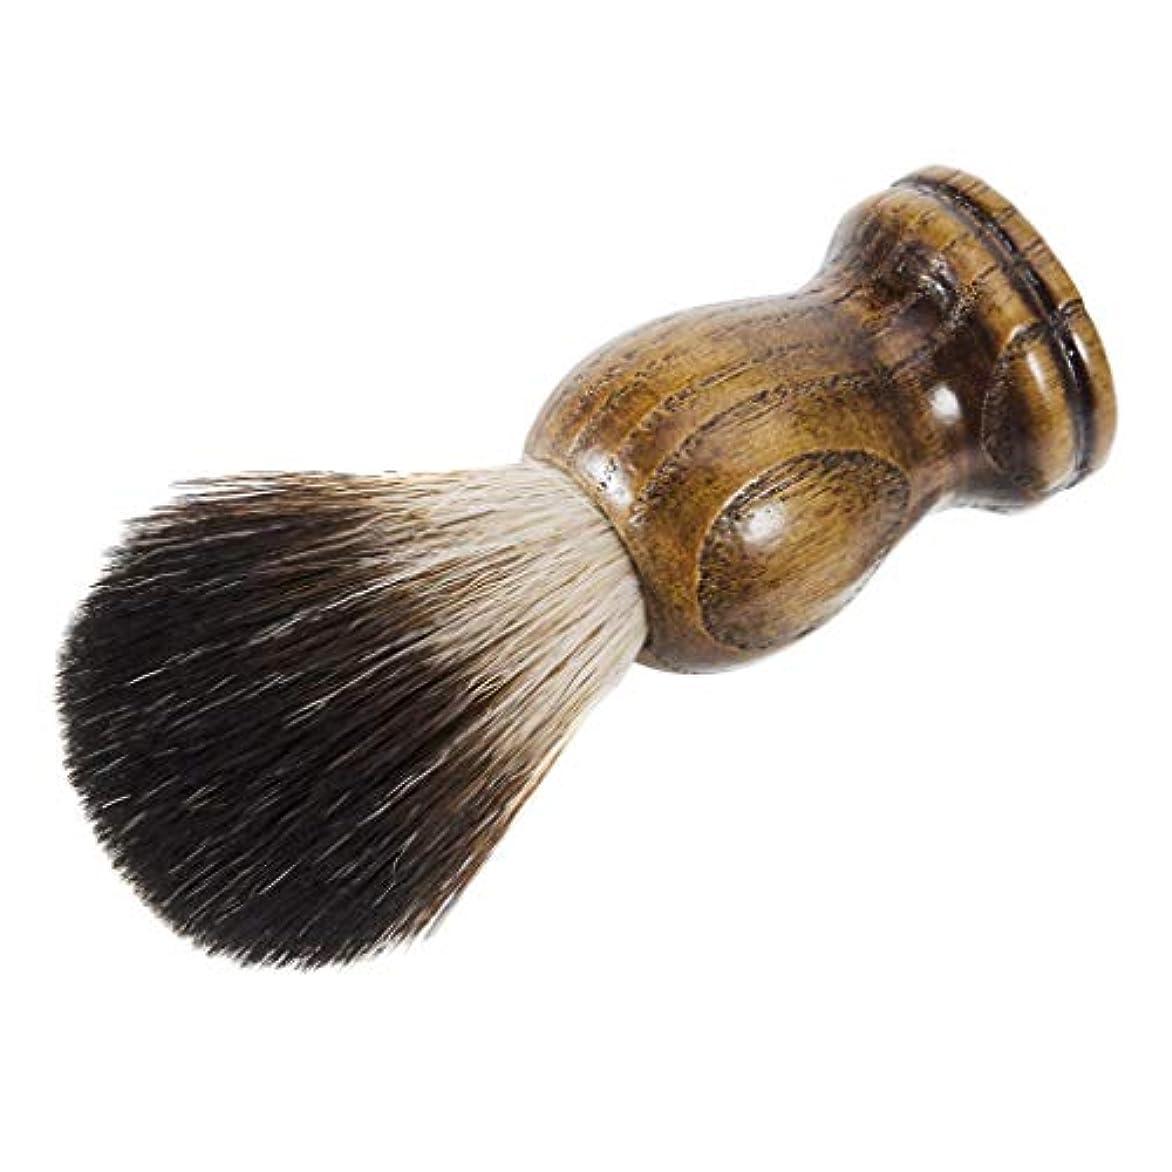 曲げる教師の日封筒男性用 ひげブラシ シェービング ブラシ 理容 洗顔 髭剃り 泡立ち ギフト